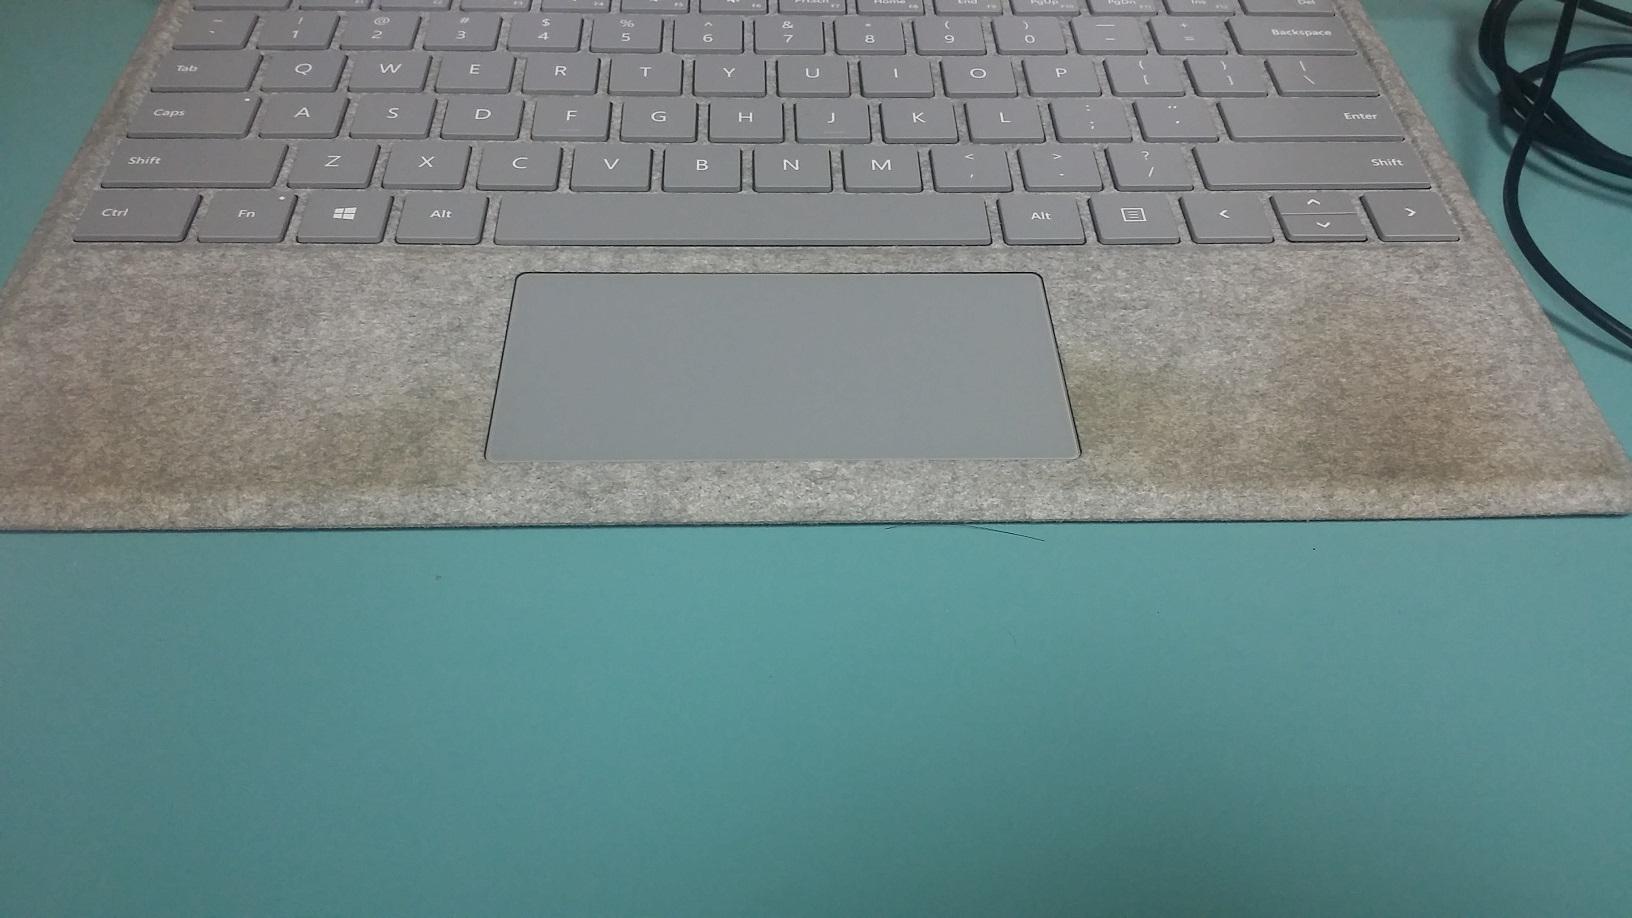 Surface Laptop has a filthy secret 600 02